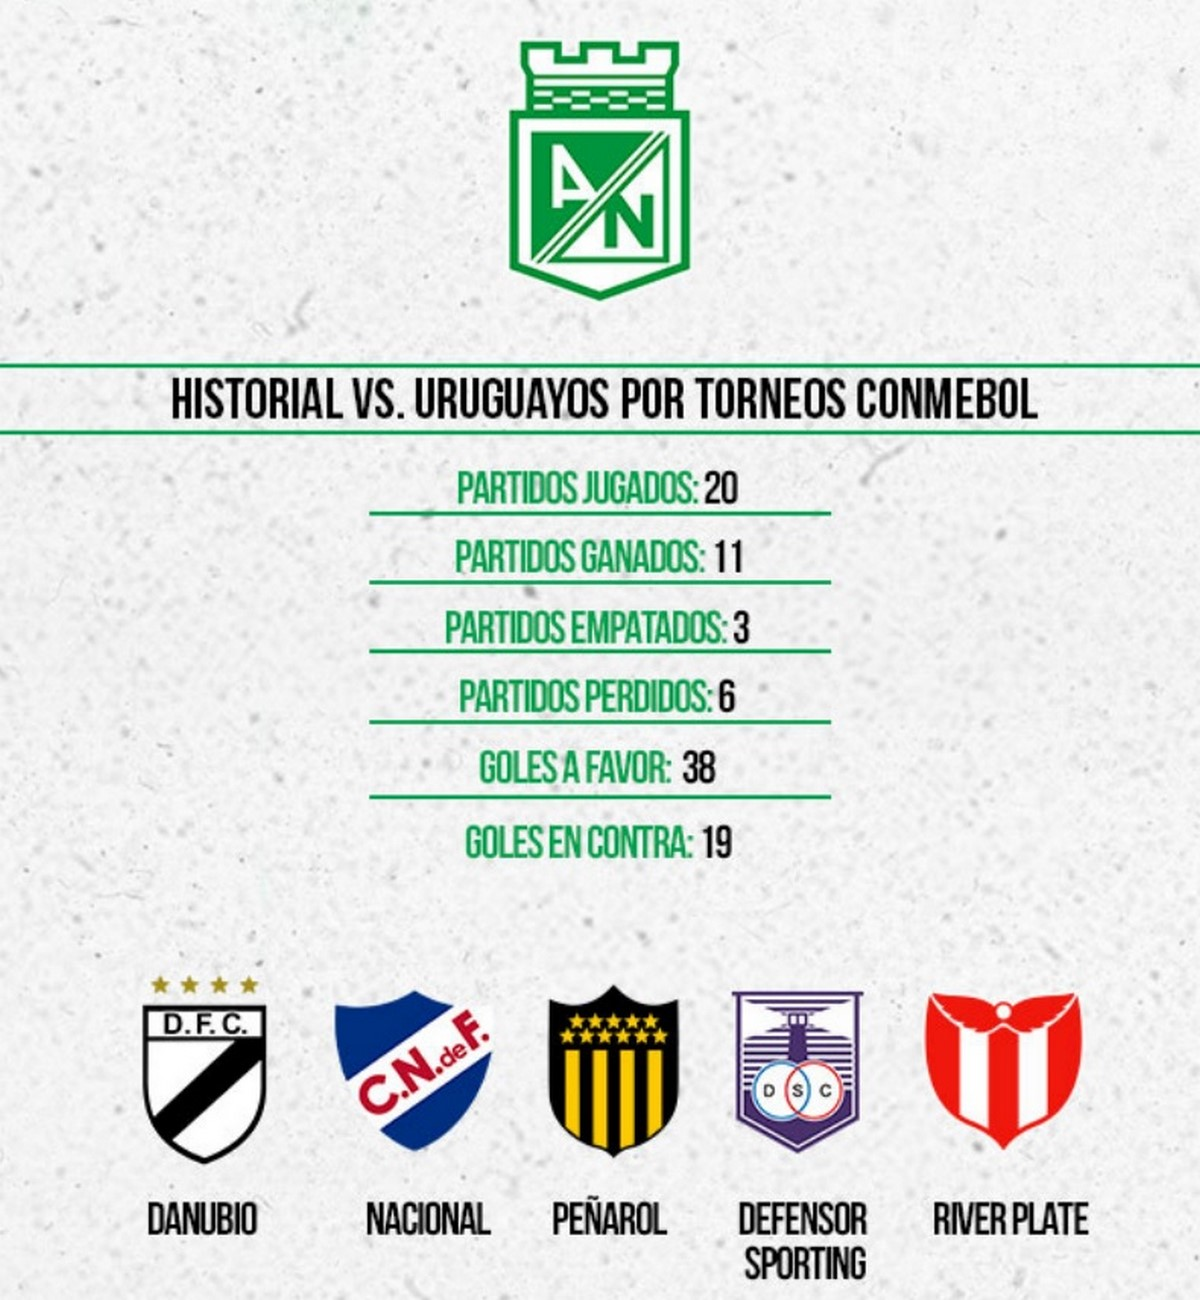 Estadisticas de Atletico Nacional ante los equipos uruguayos 2 Copiar